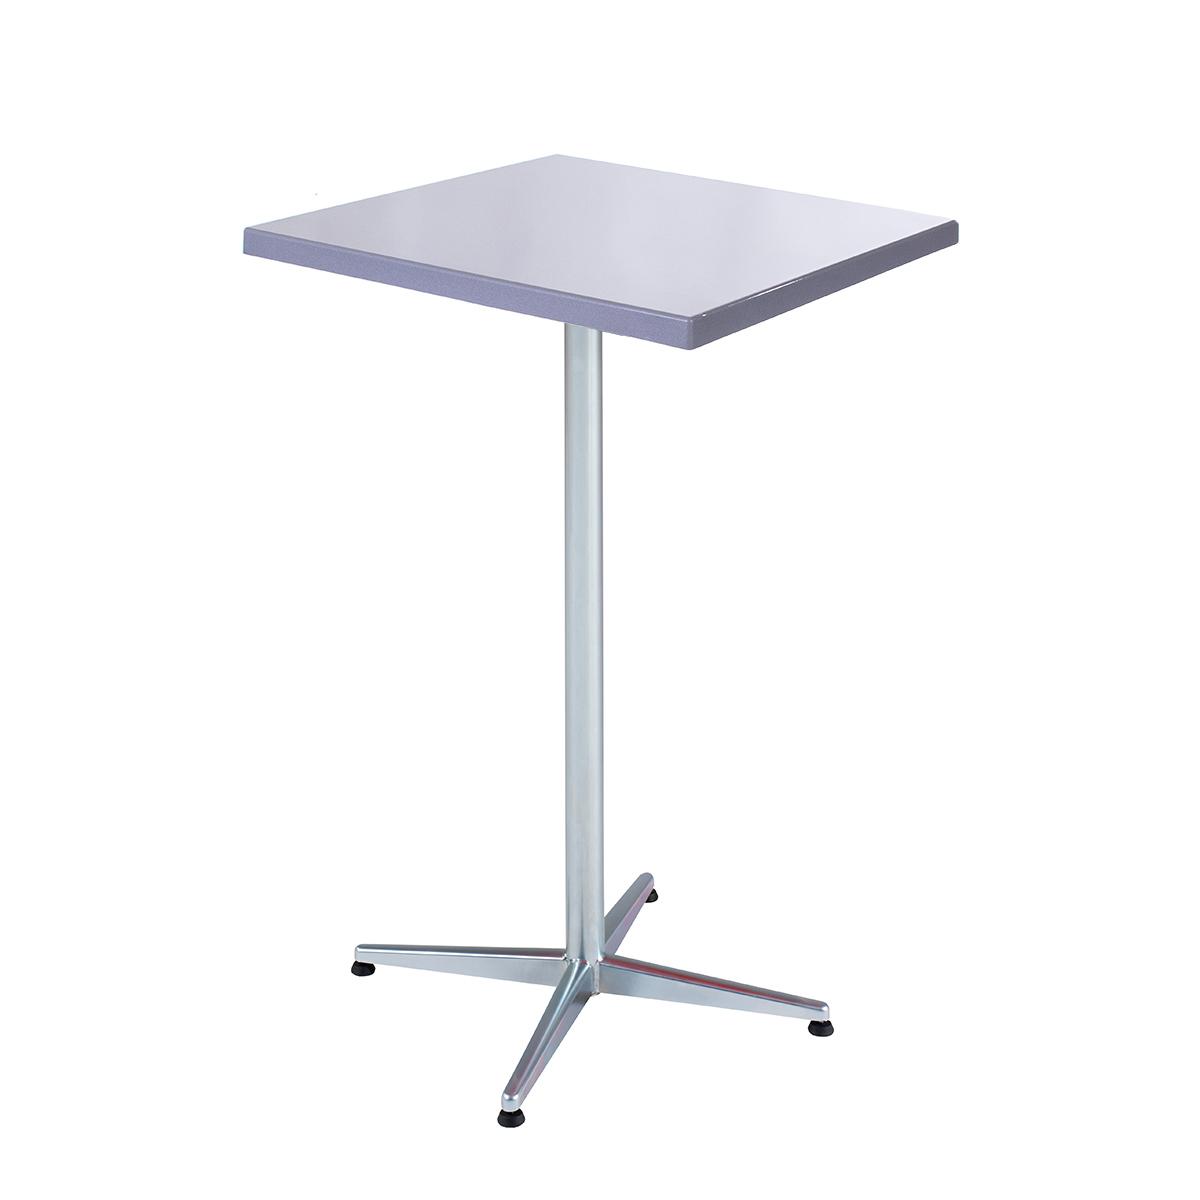 GFK Tisch silber 70x70